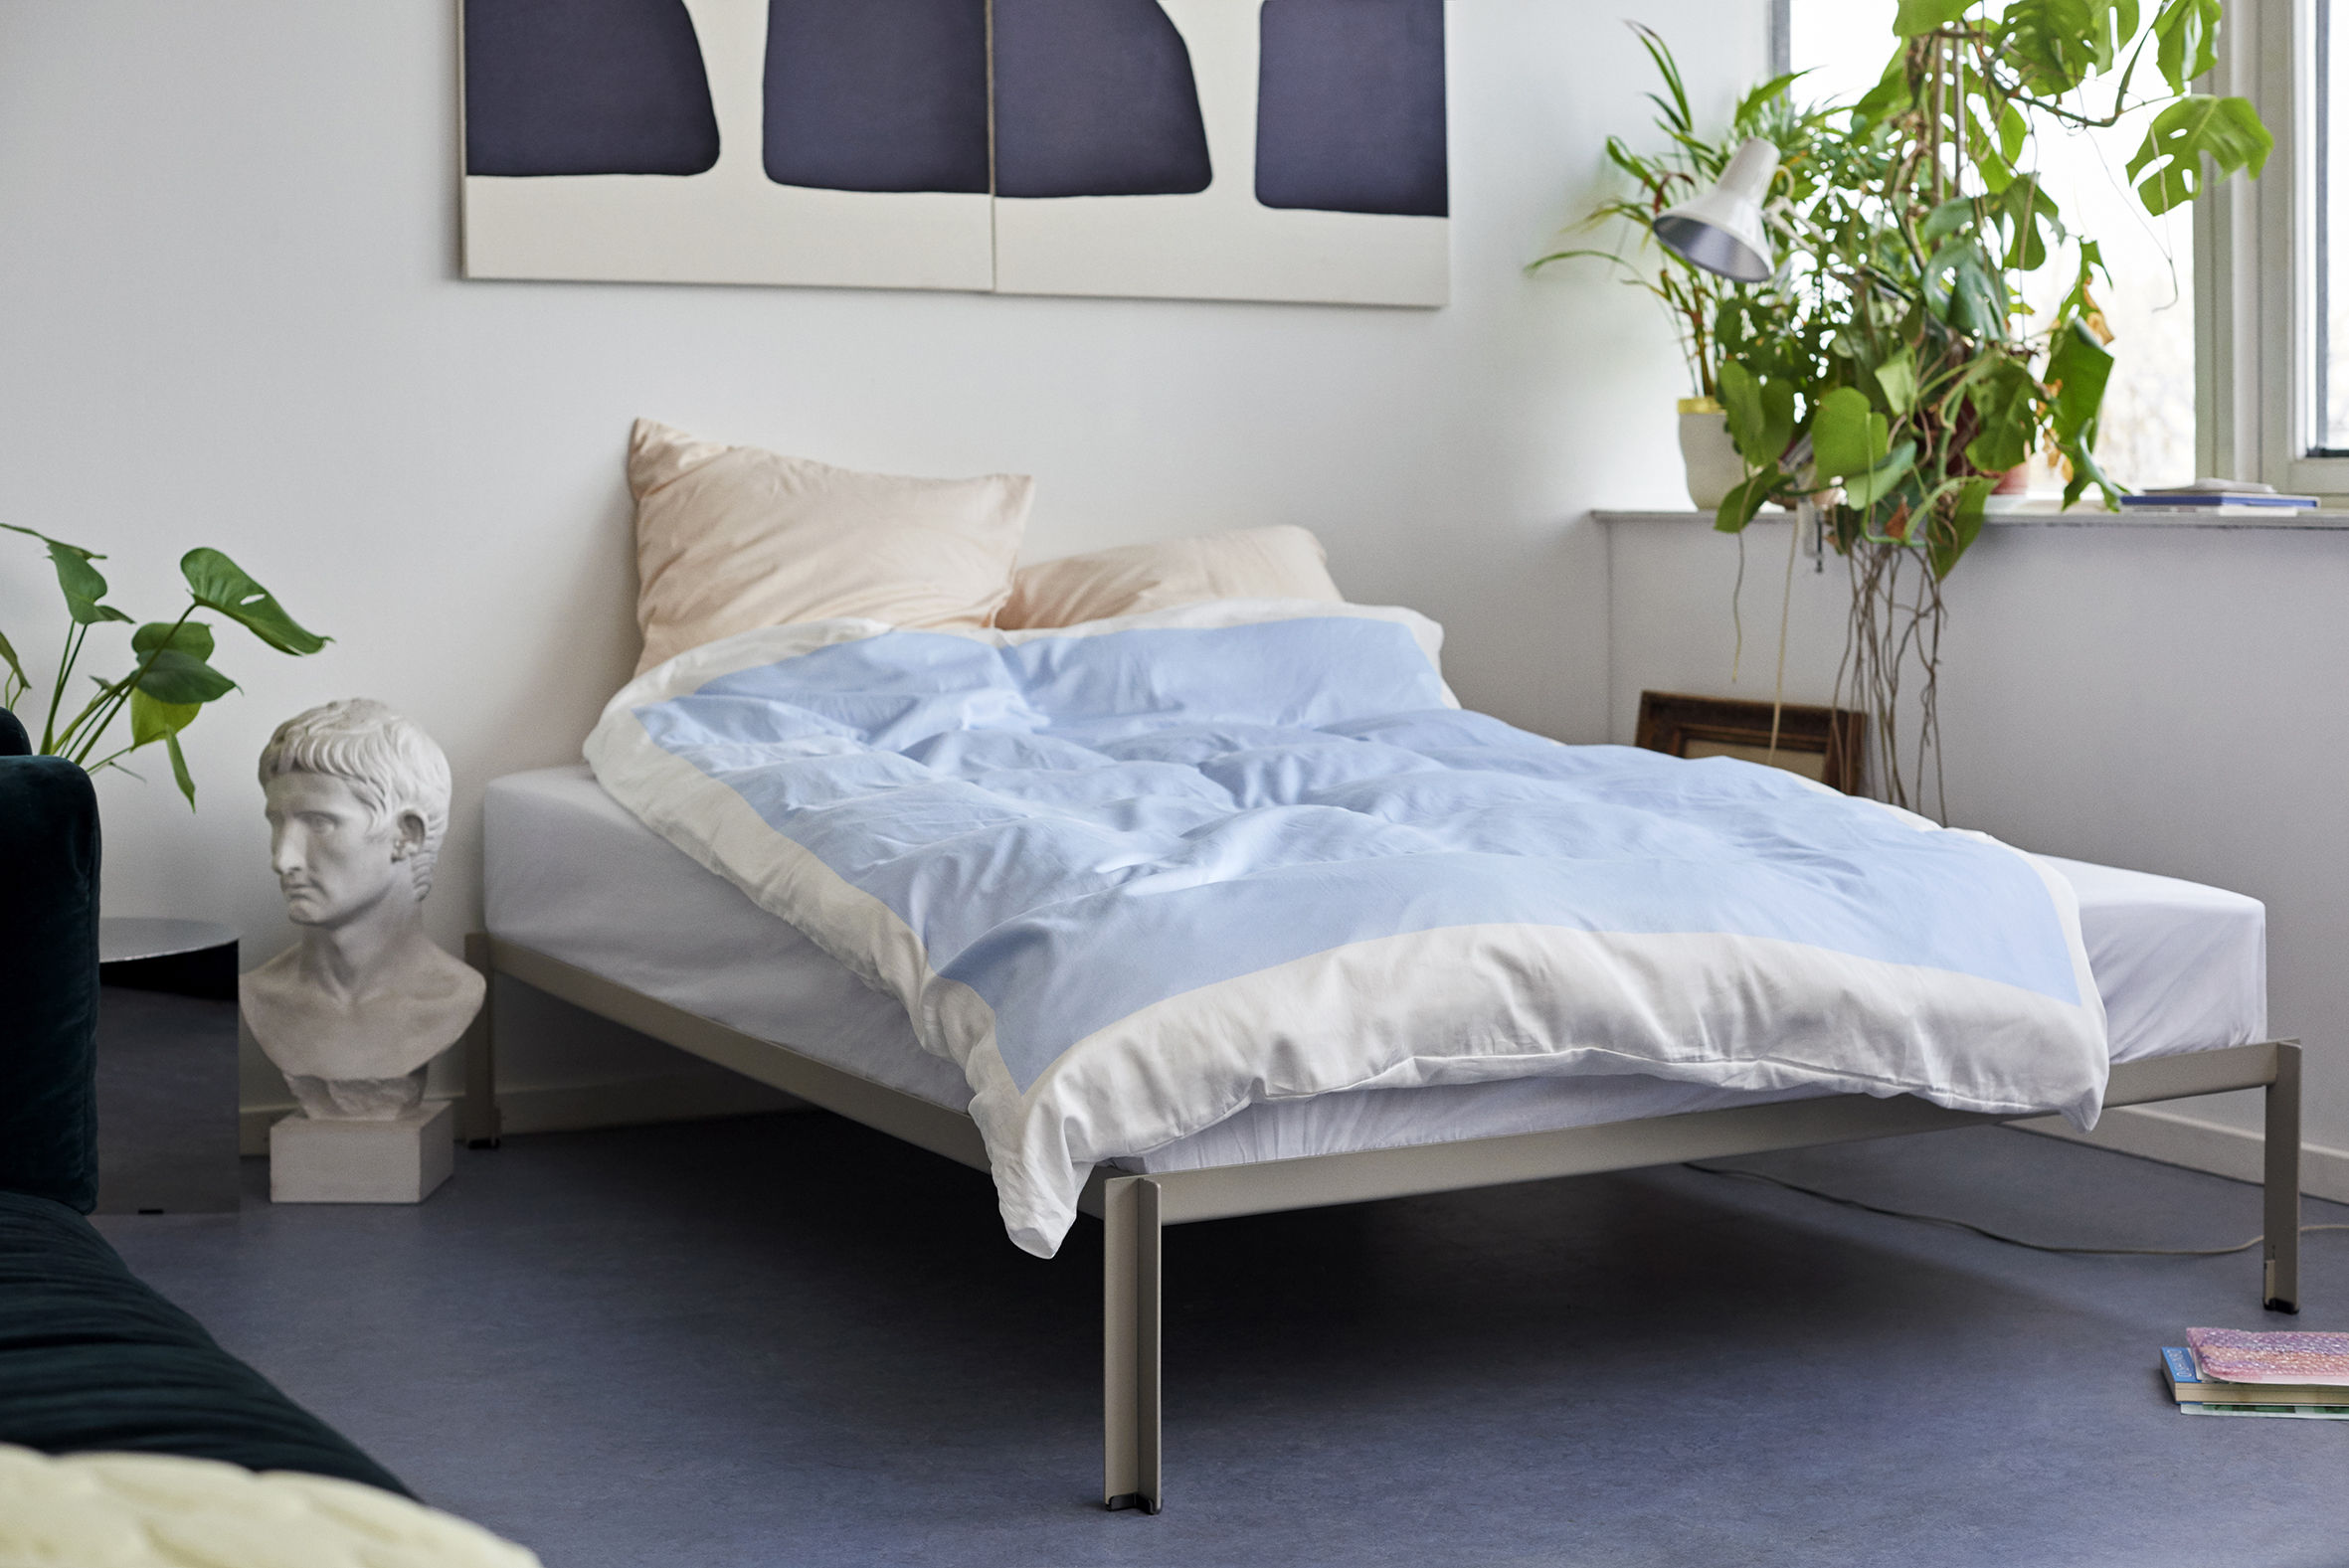 Scopri biancheria da letto 1 persona rest 200 x 140 cm menta di hay made in design italia - Marche biancheria letto ...